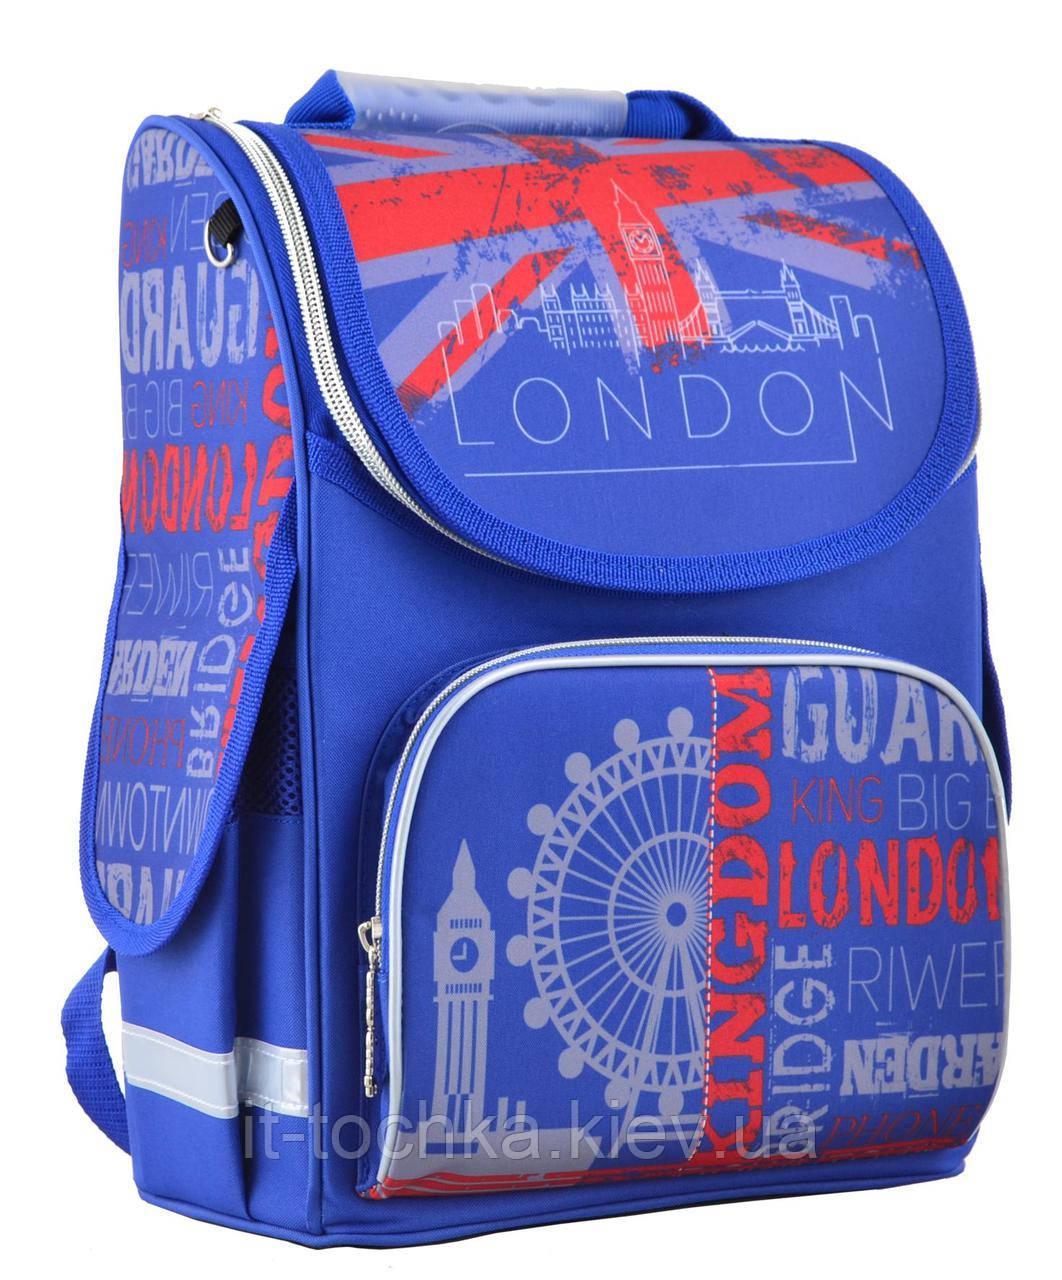 Рюкзак школьный каркасный smart pg-11 london, 34*26*14